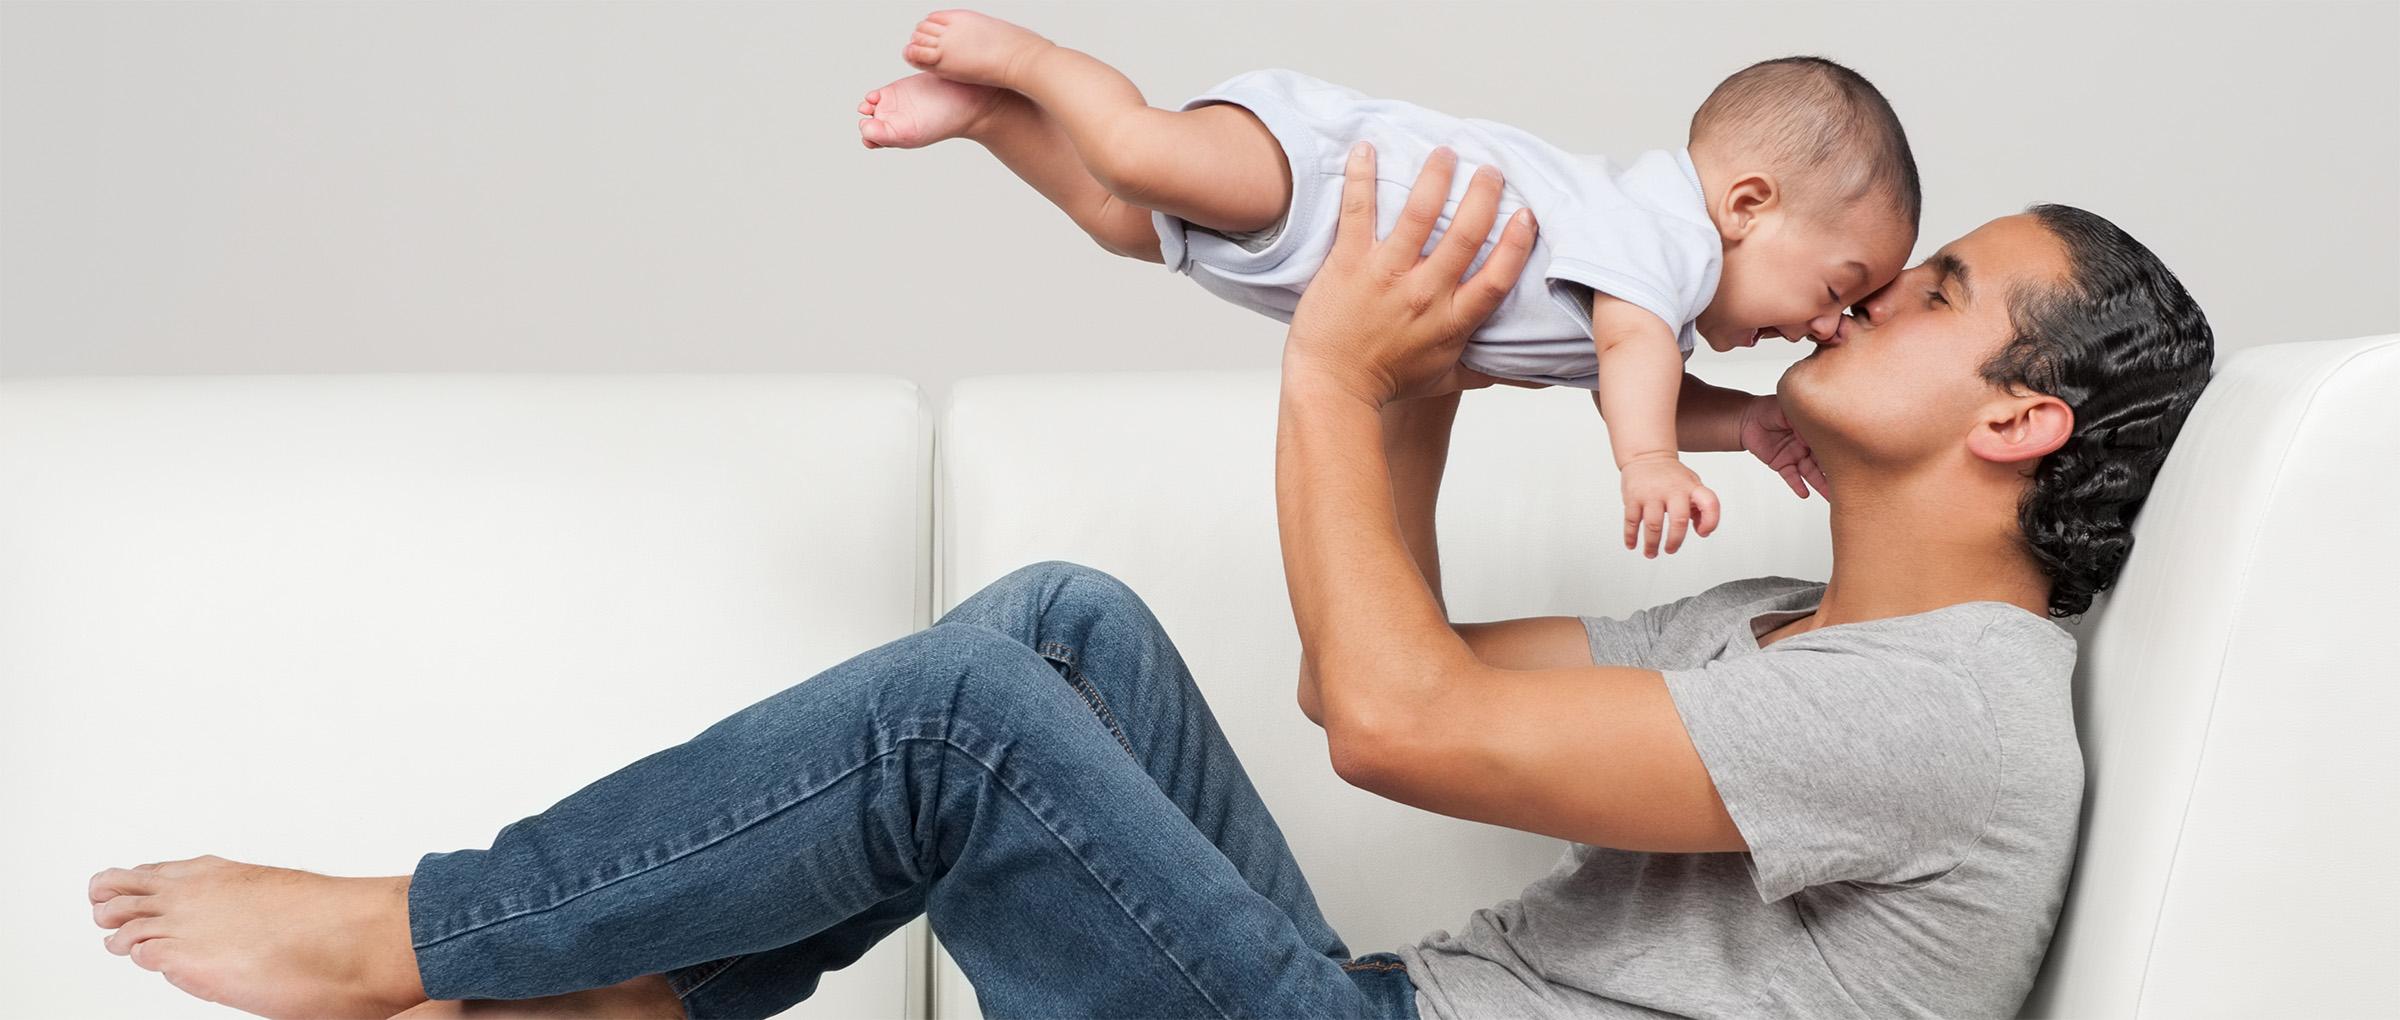 hombres solteros acuden a otros pases para cumplir su sueo de ser padres - Hombres Solteros